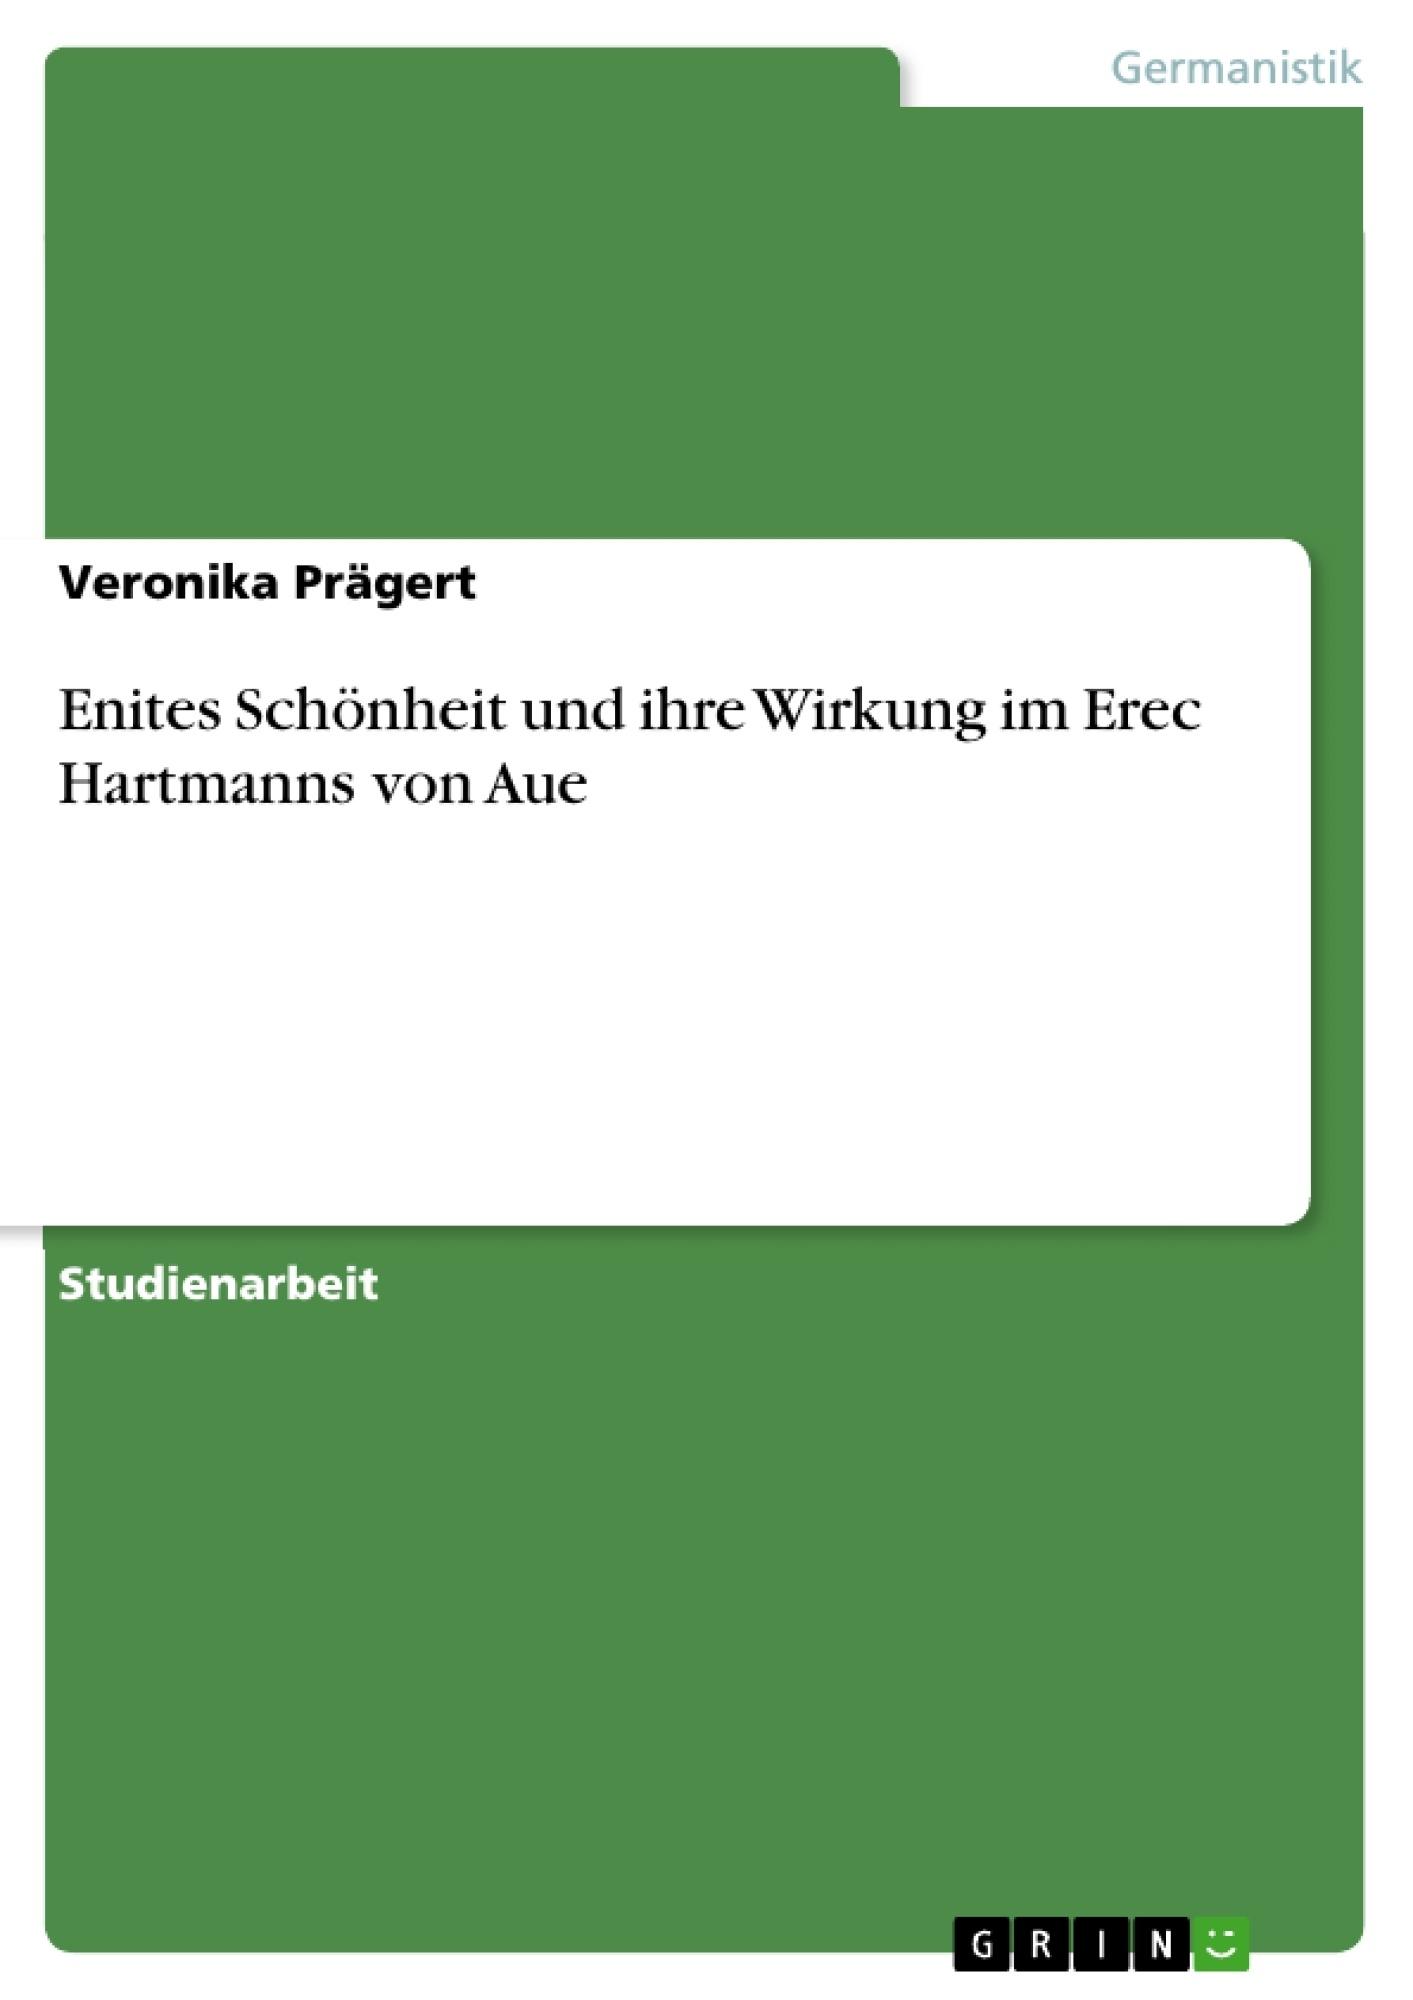 Titel: Enites Schönheit und ihre Wirkung im Erec Hartmanns von Aue